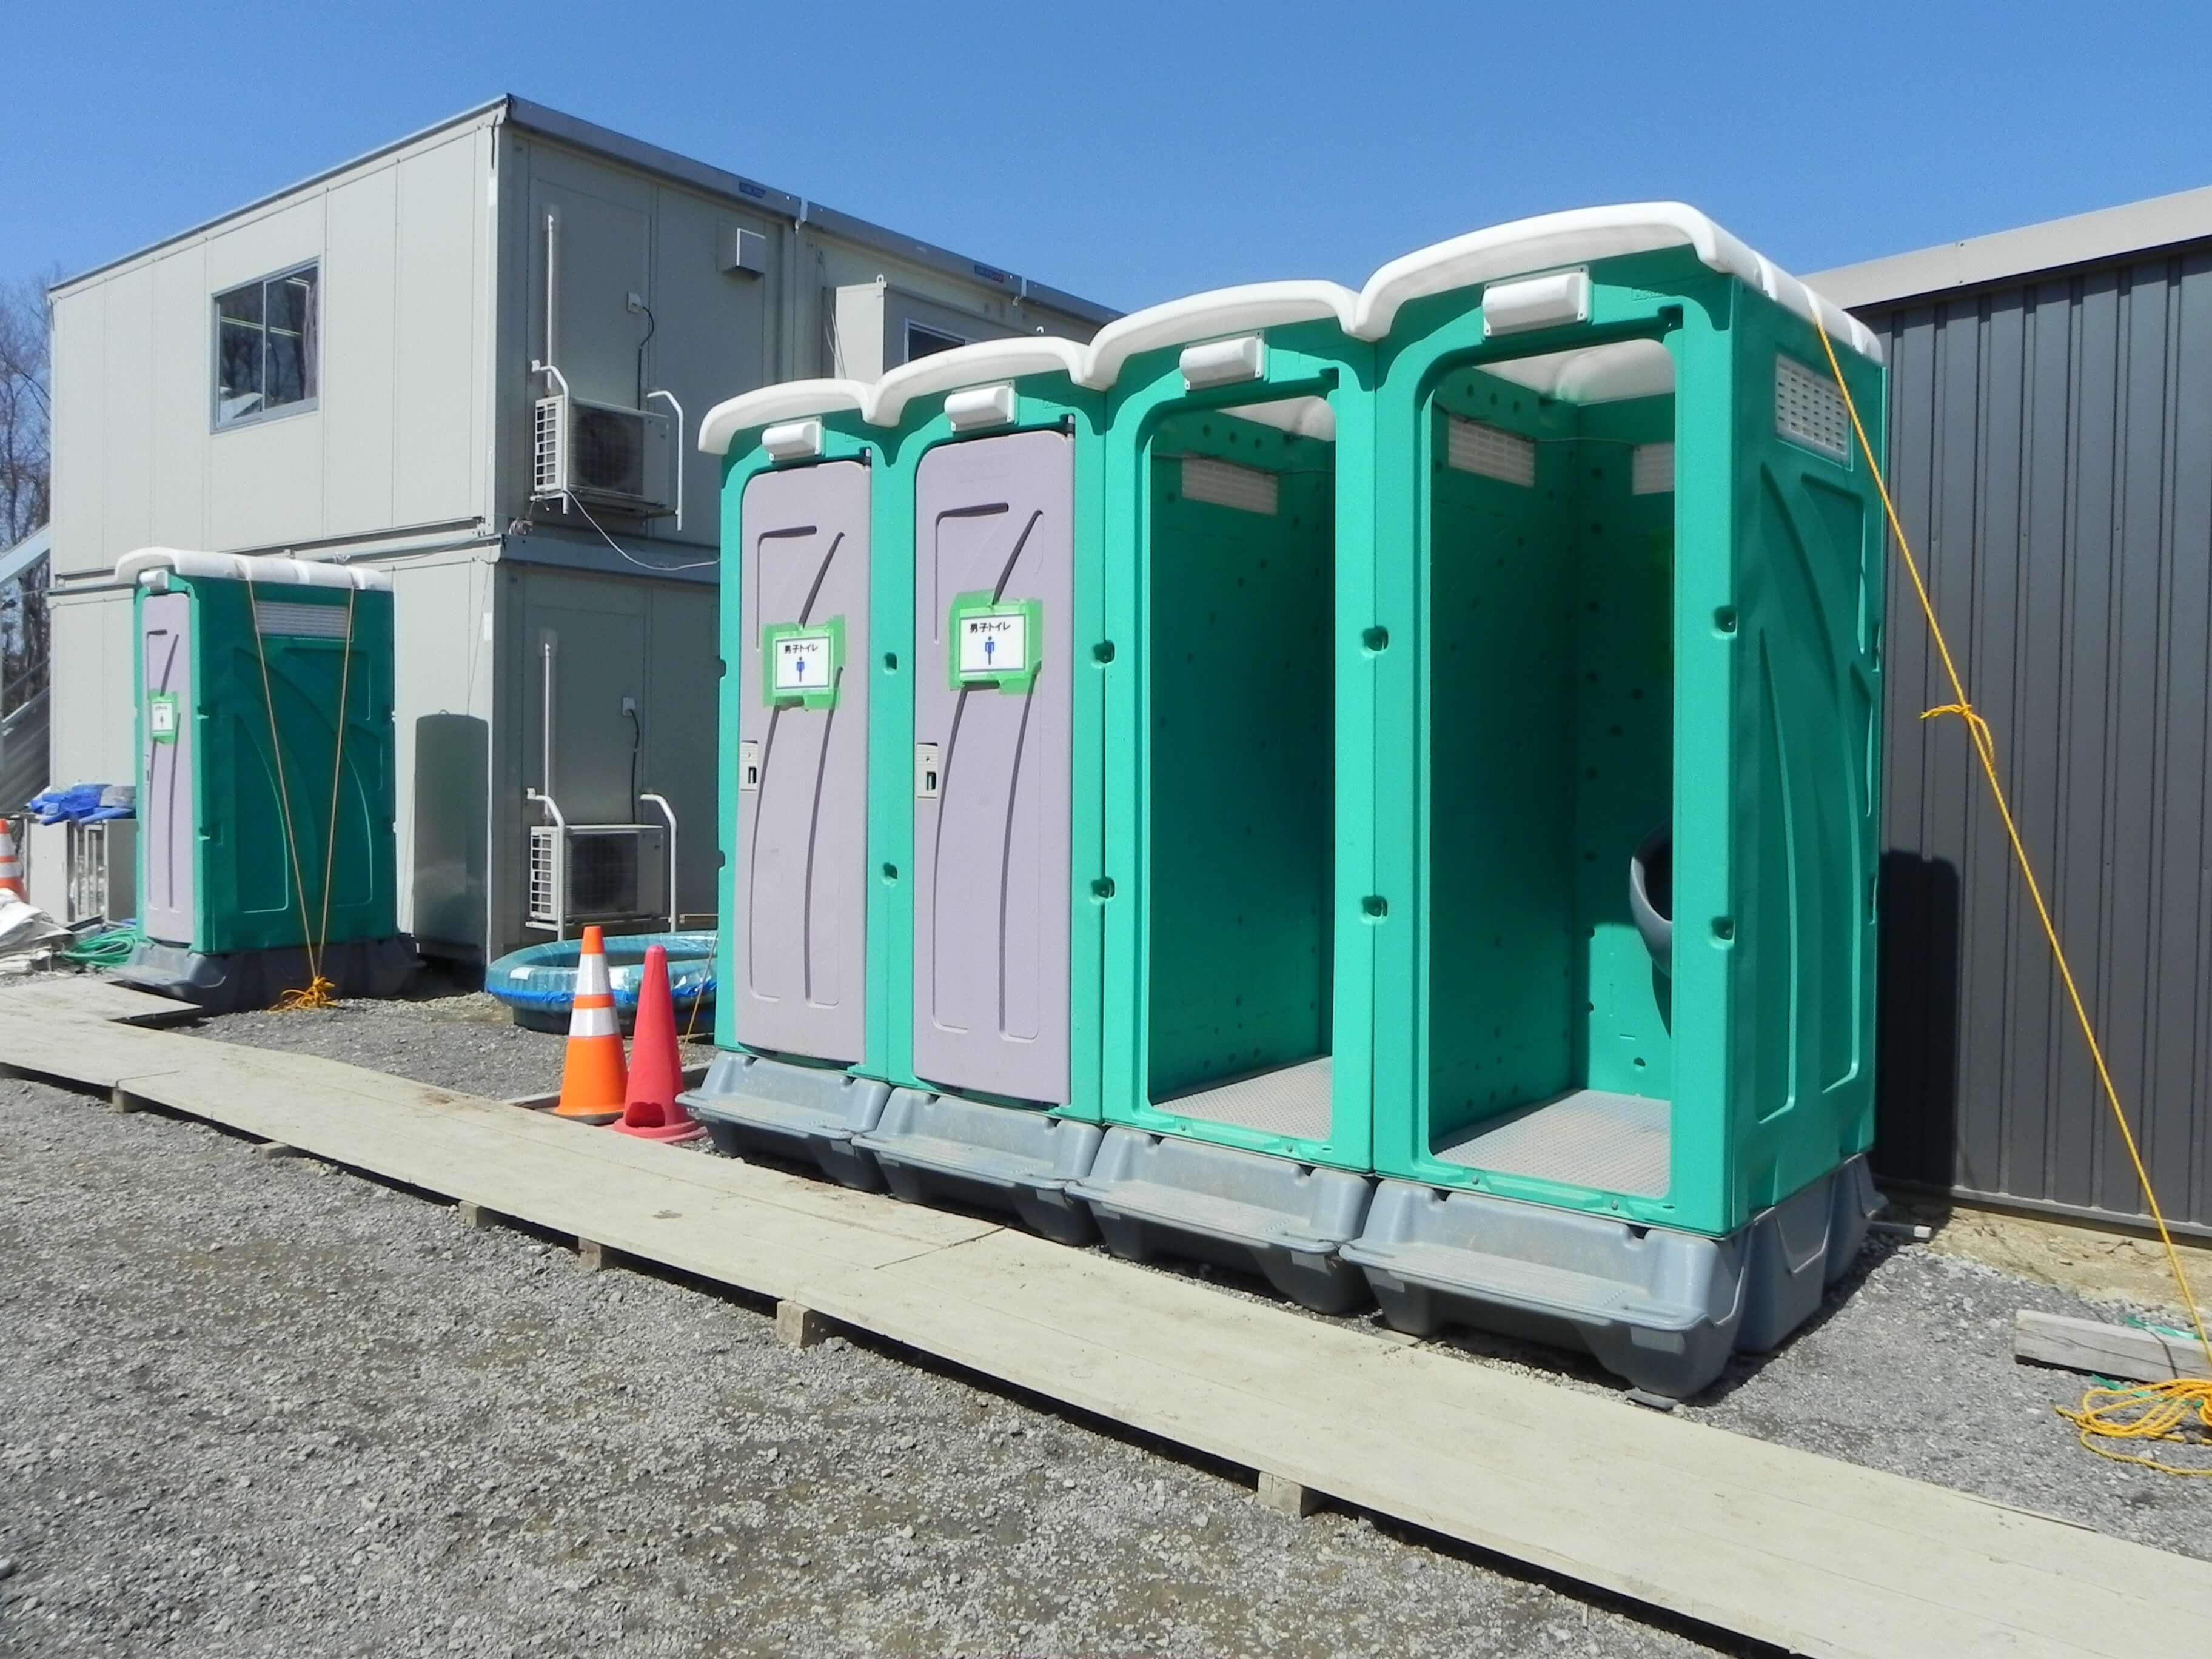 福島の足場施工会社セーフティーステップの事業 仮設トイレリース